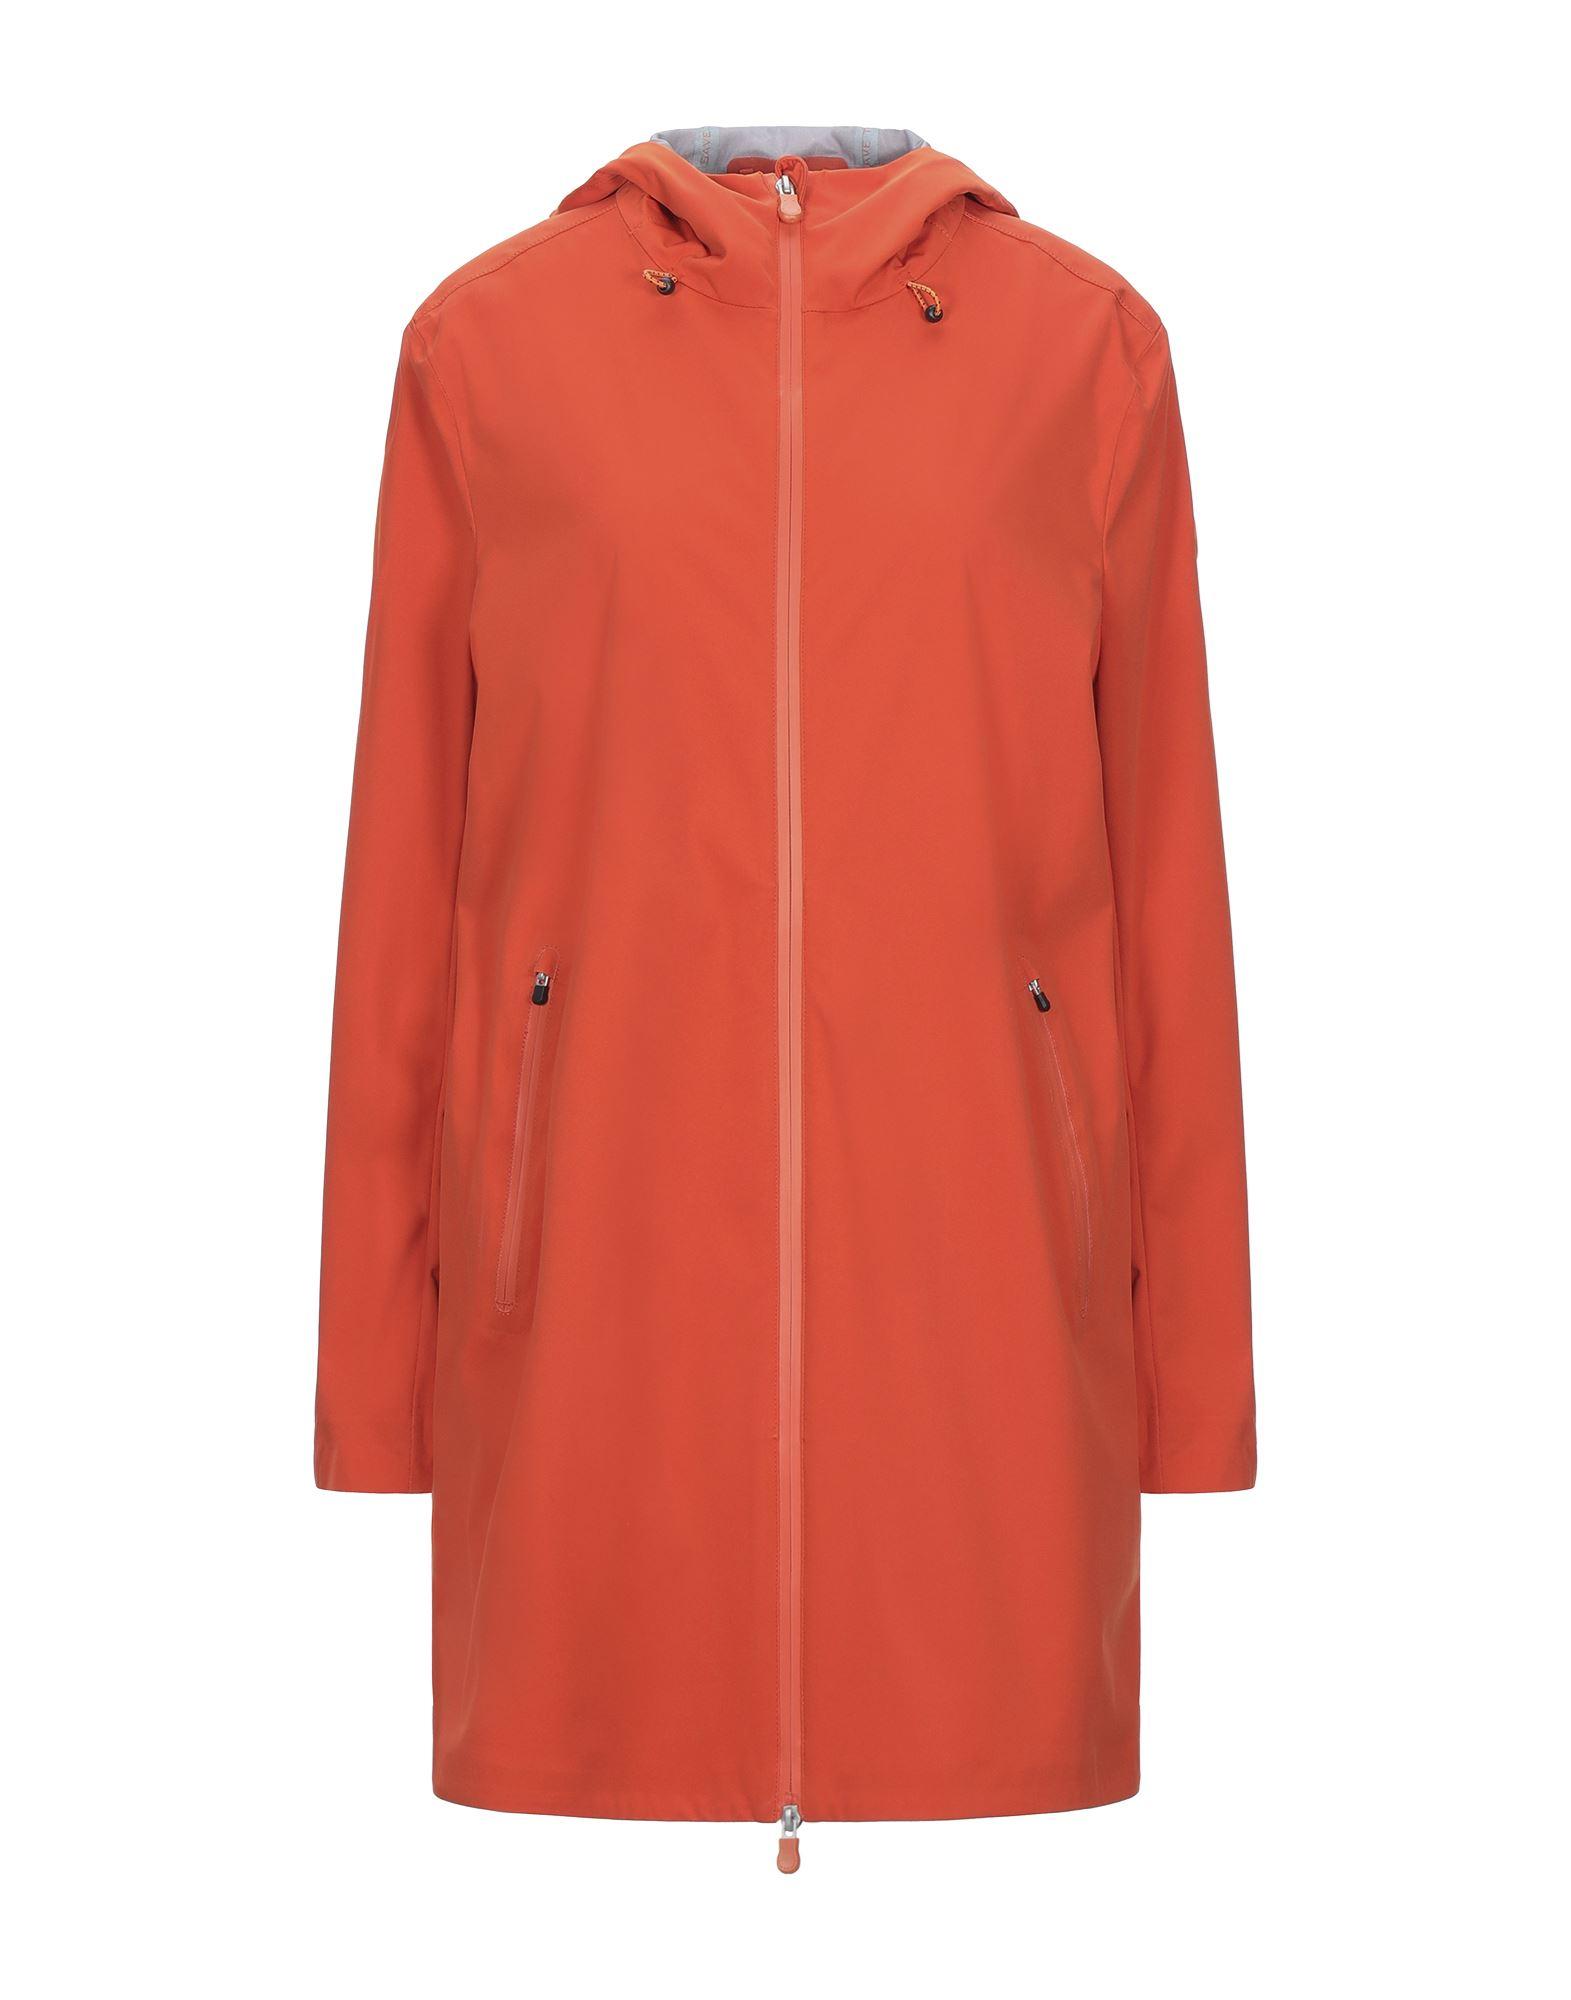 SAVE THE DUCK セイブ・ザ・ダック レディース ライトコート オレンジ - 赤茶色 - ダークブルー